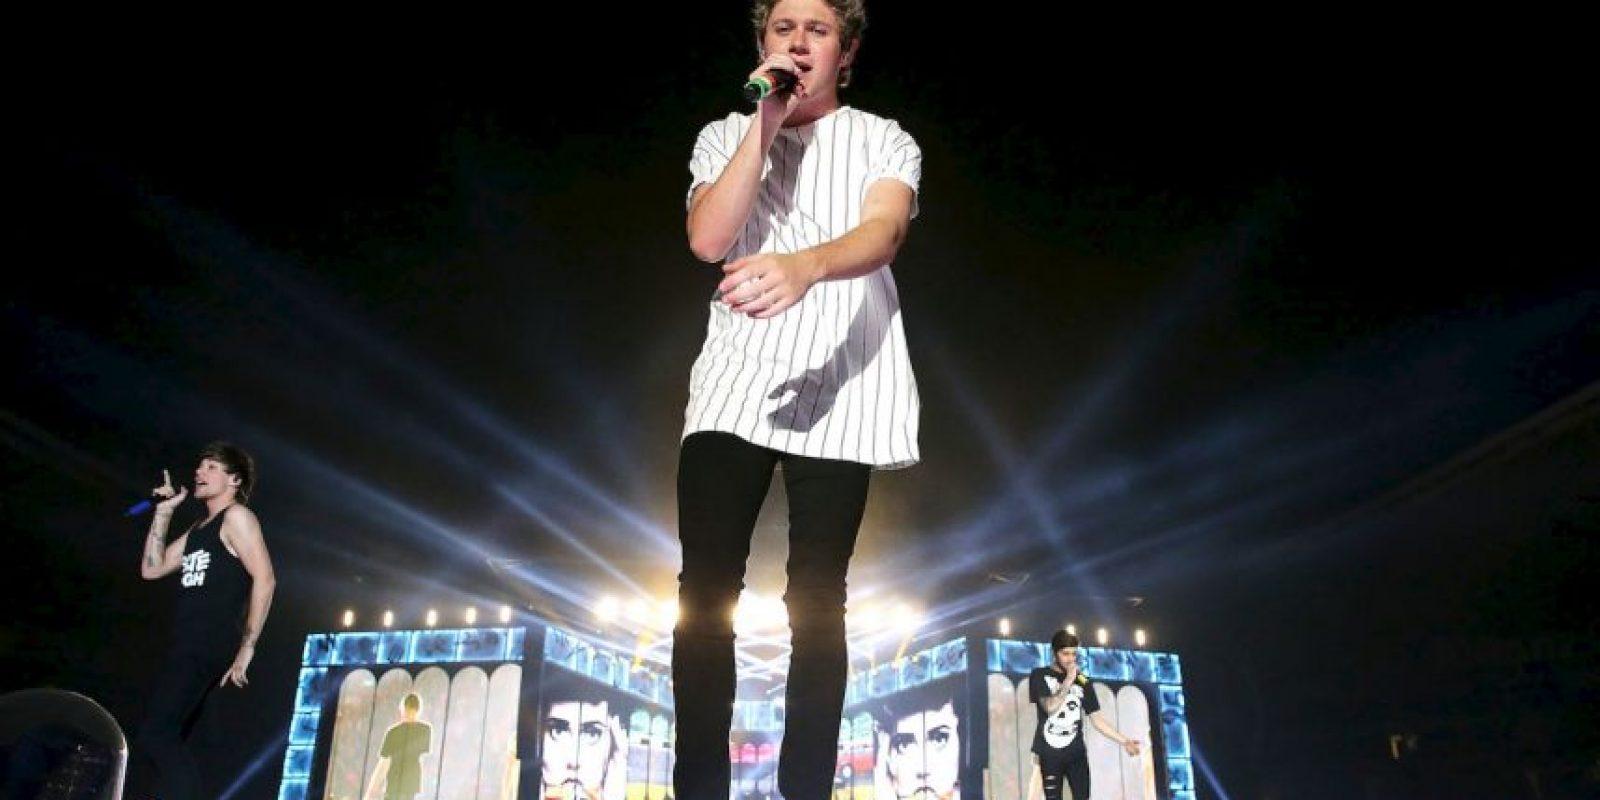 """Las fans del cantante británico no perdieron el tiempo y rápidamente crearon el hashtag """"#NiallHoranParaBond"""" en Twitter. Foto:Getty Images"""